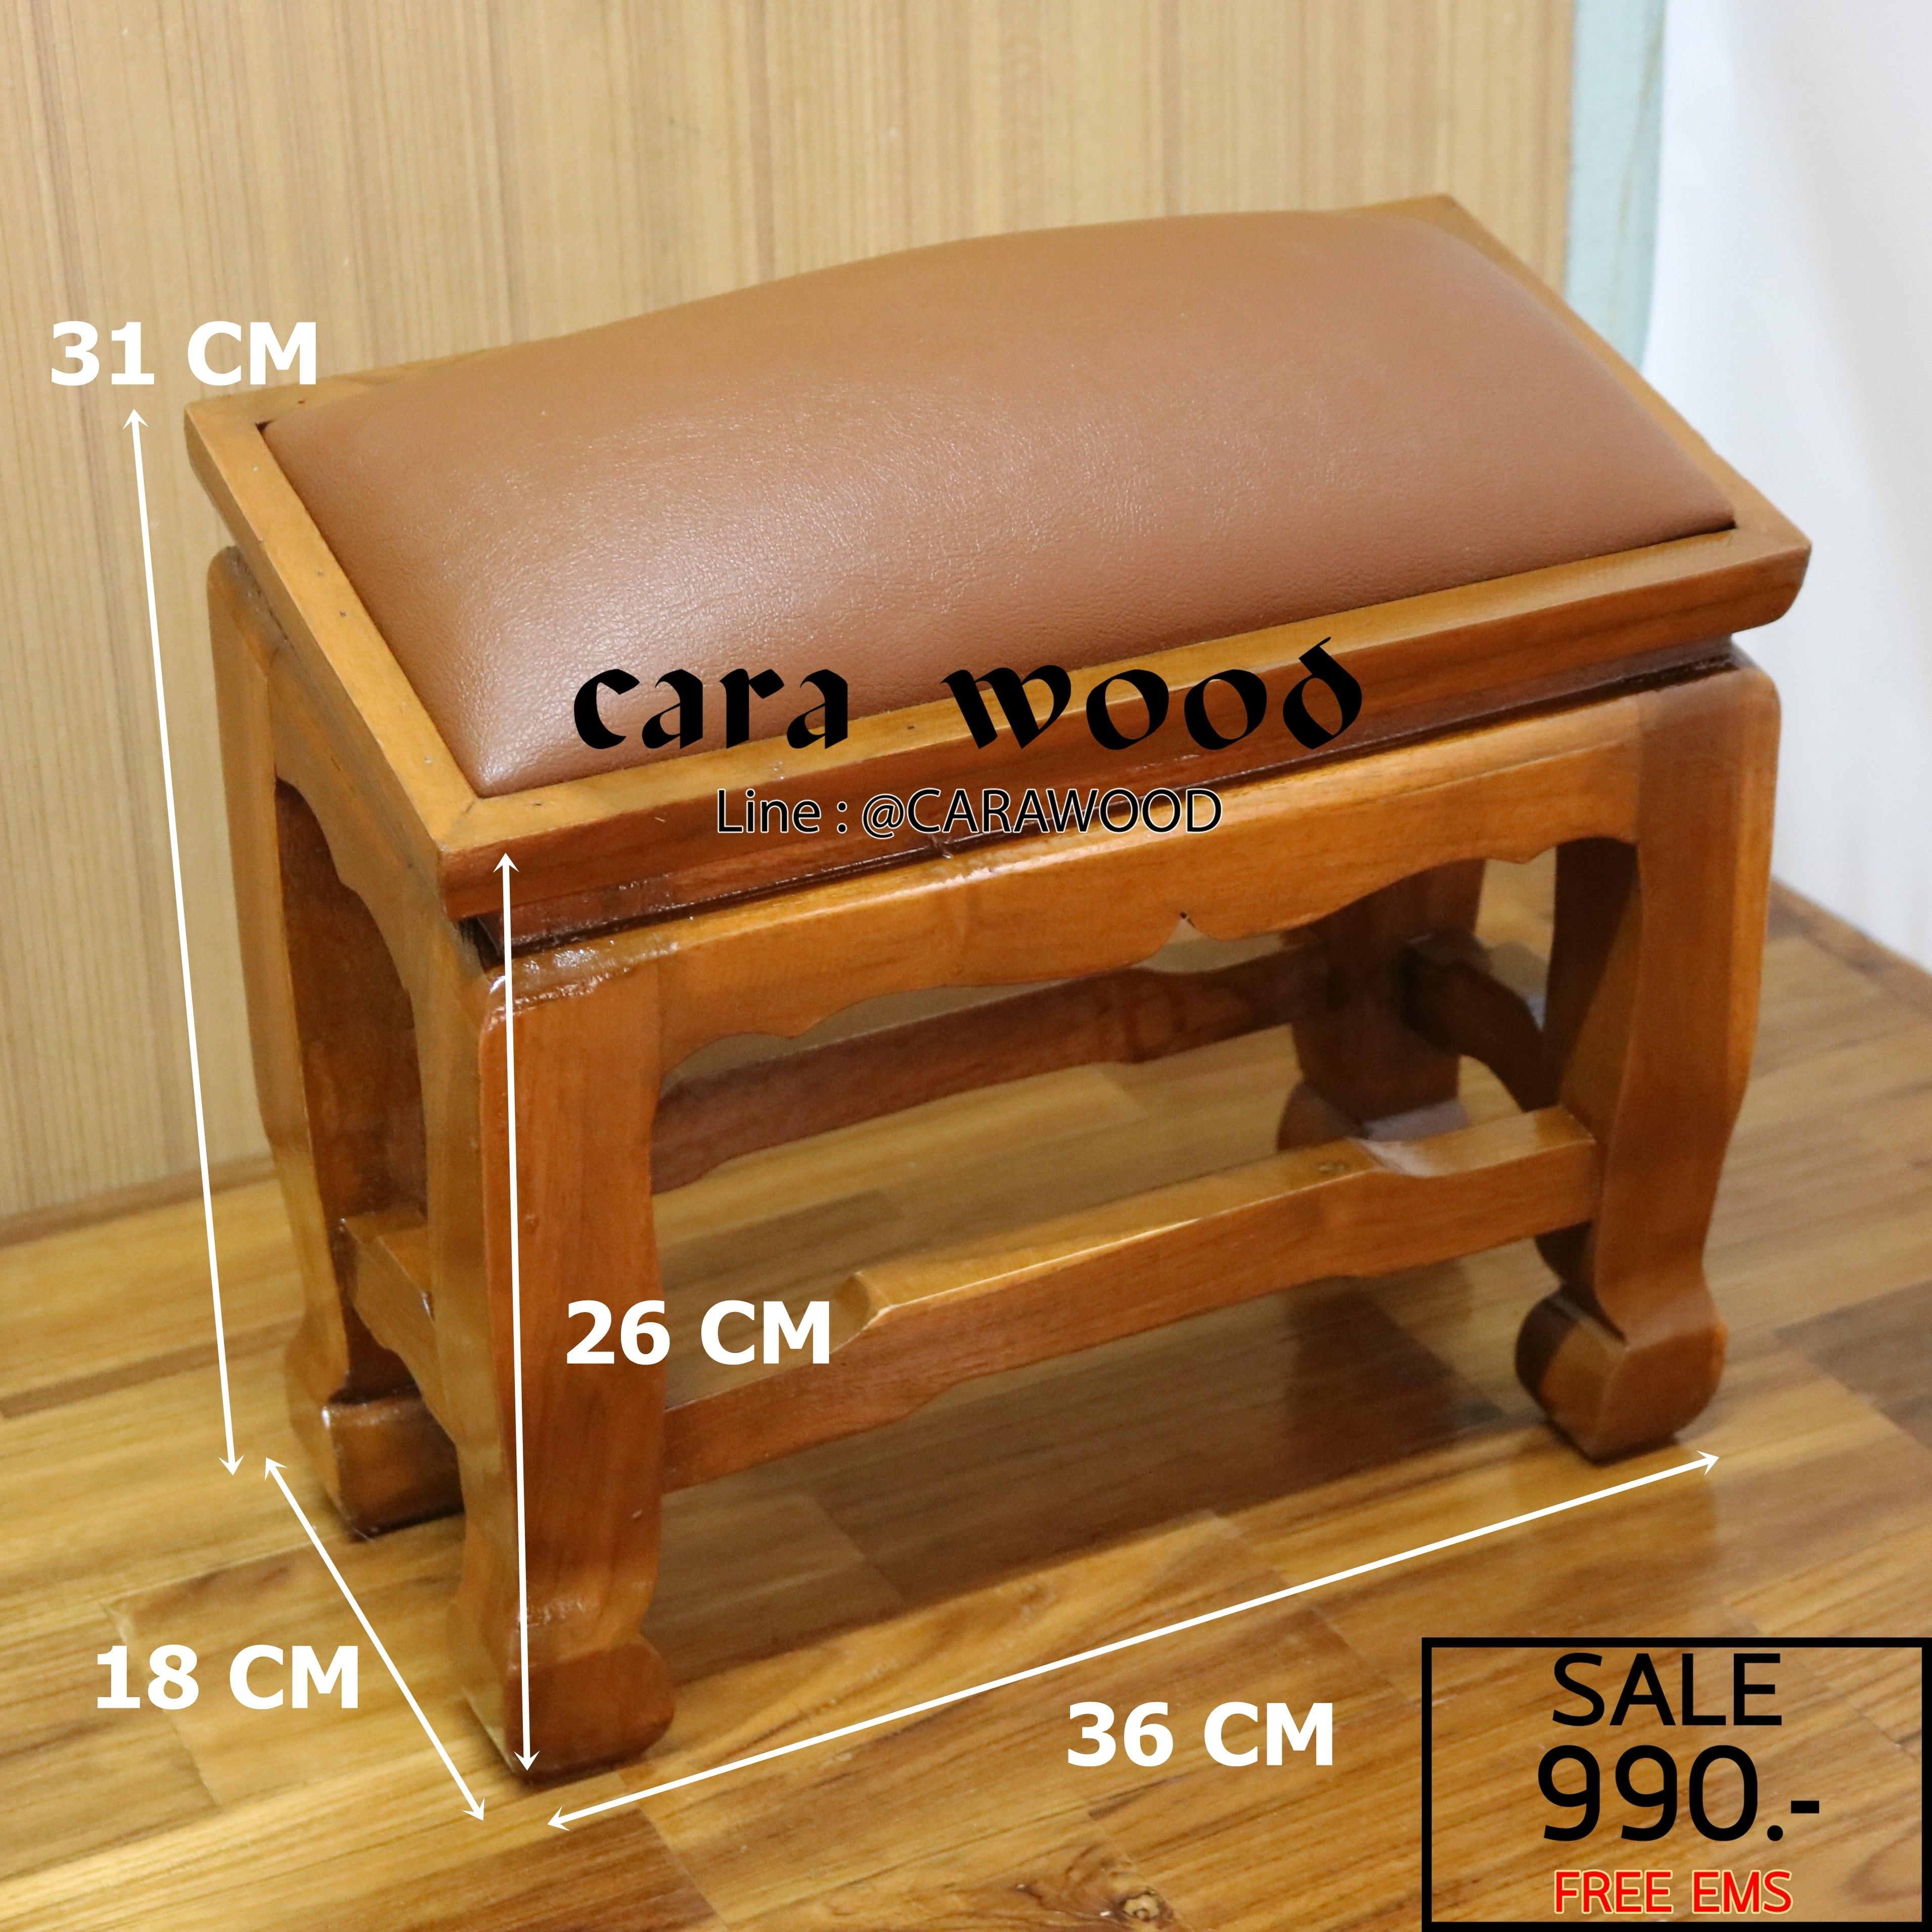 โต๊ะกราบ ไม้สักทองไซส์เล็ก [สีน้ำตาล]